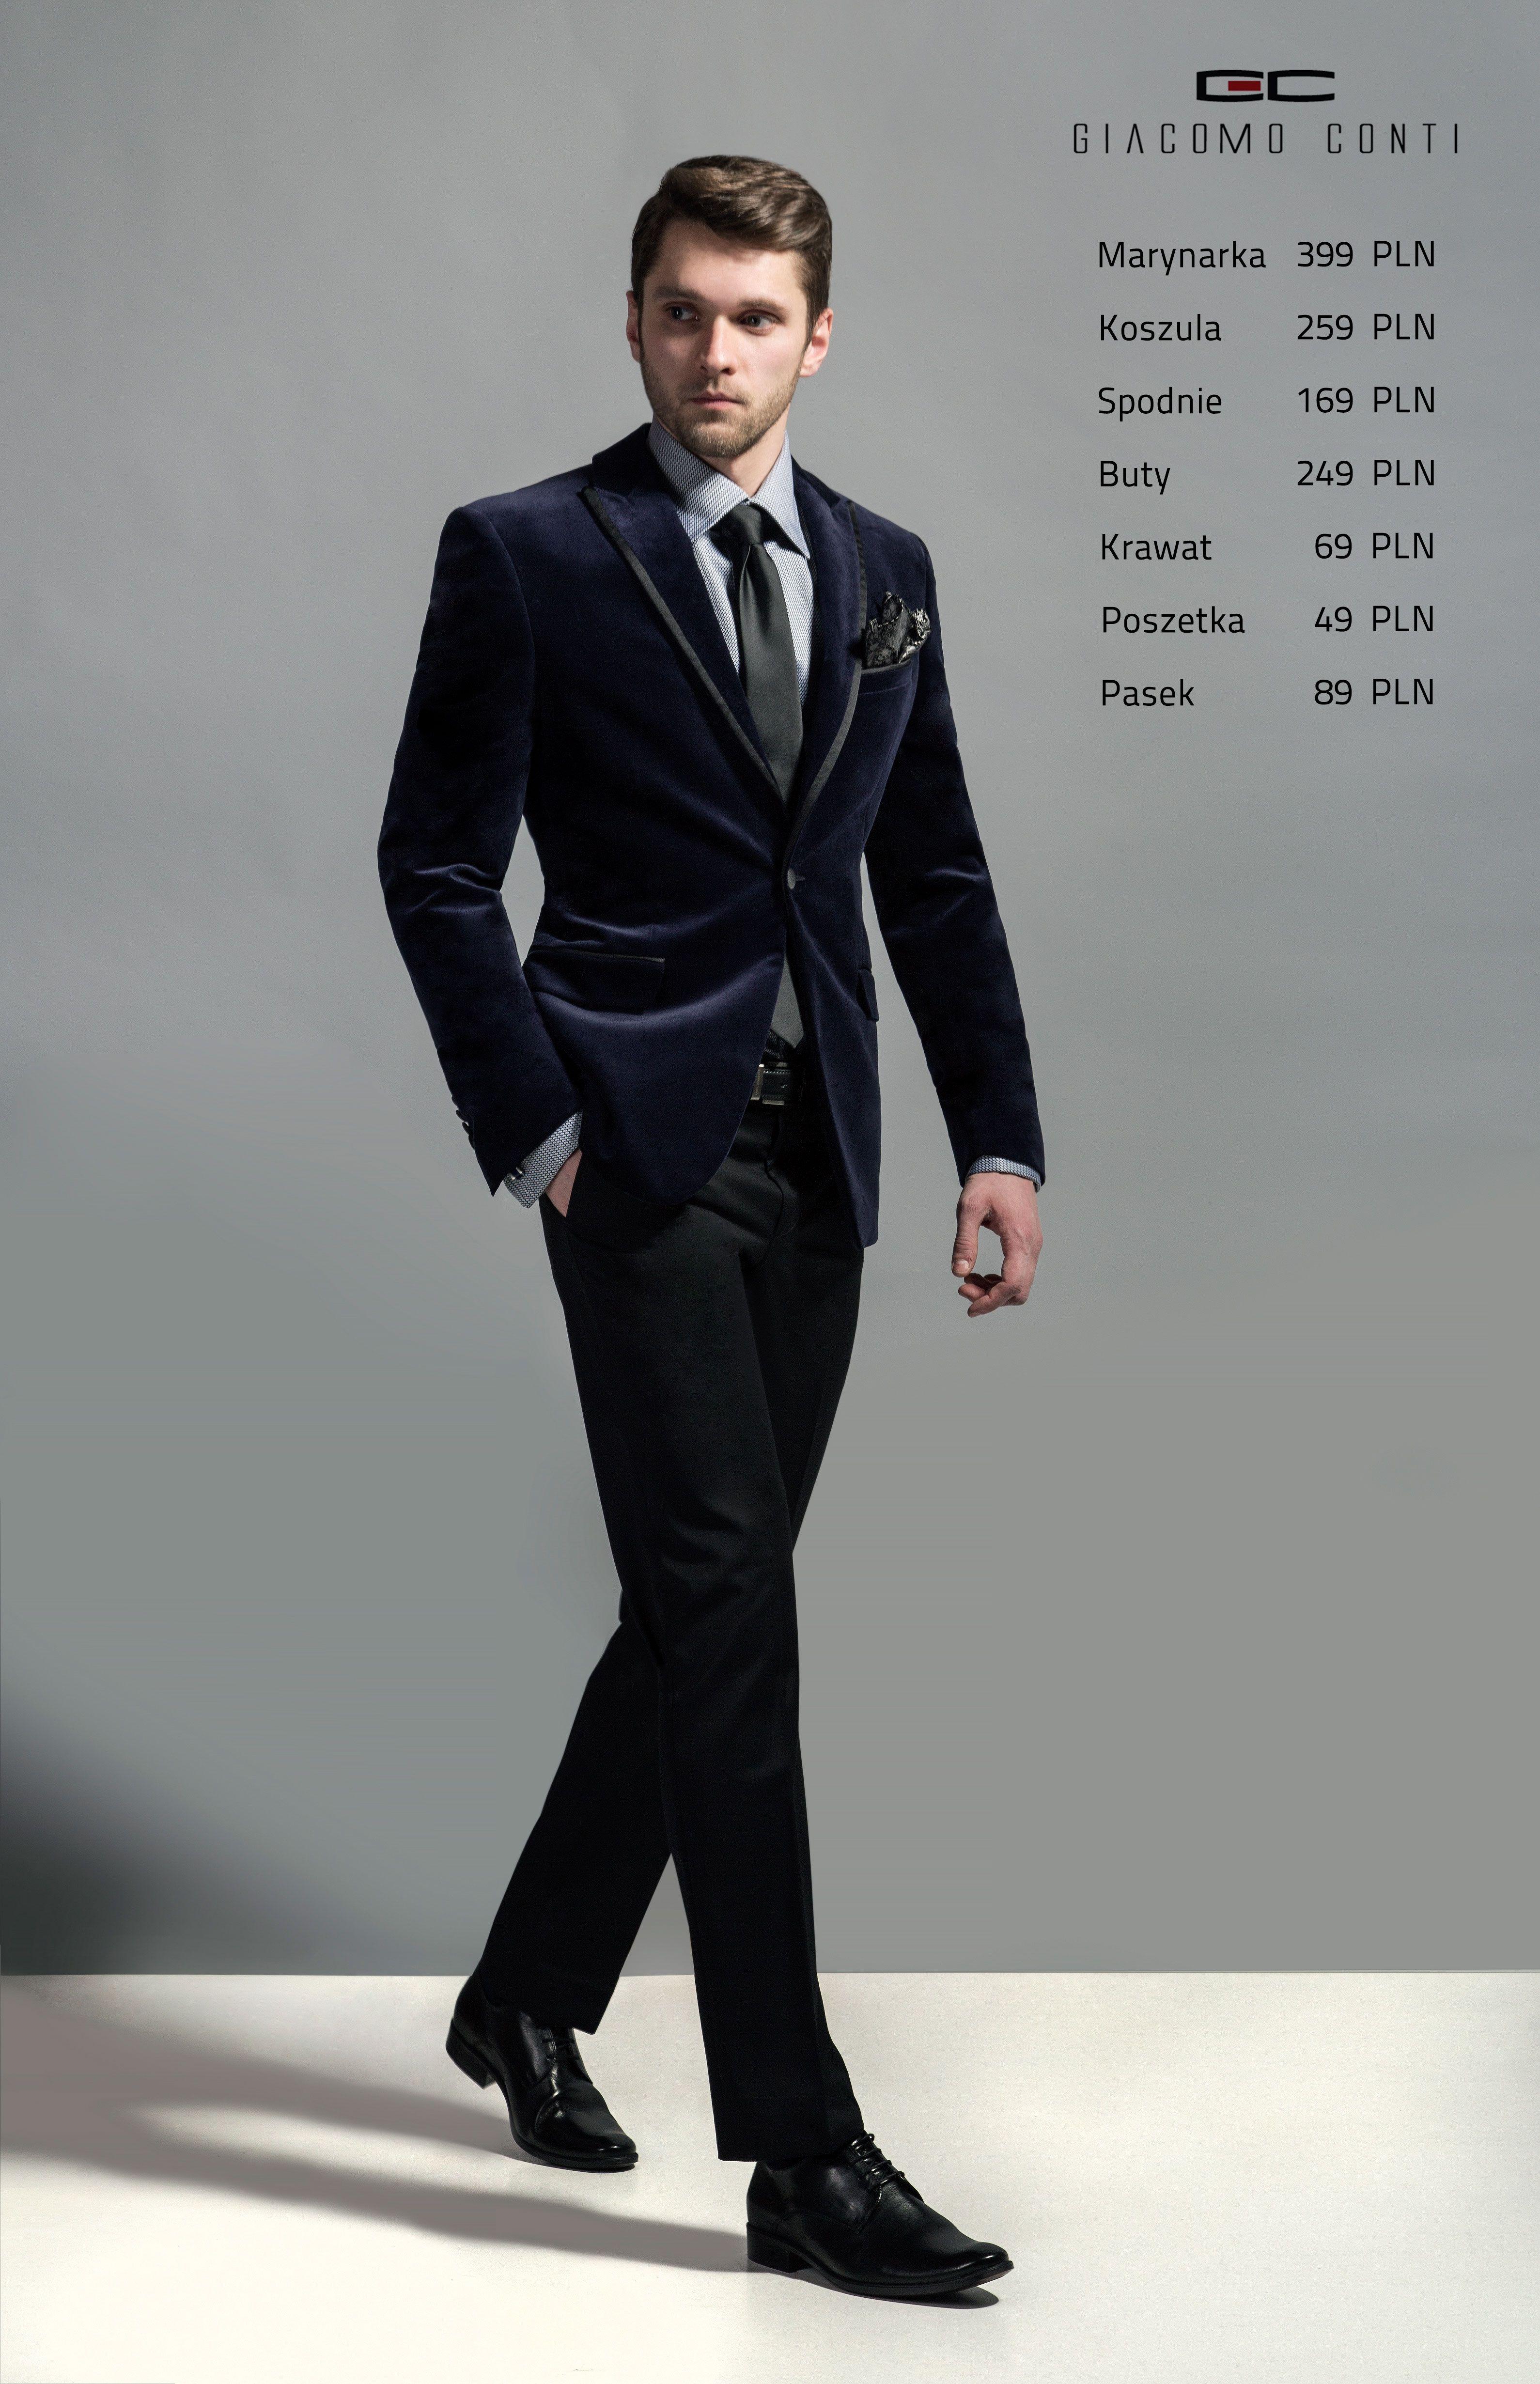 Stylizacja Giacomo Conti Marynarka Valerio E13 48 B Koszula Juseppe 15 11 14 K Spodnie Fabio 02 S Buty Czarne 150 Fashion Style Formal